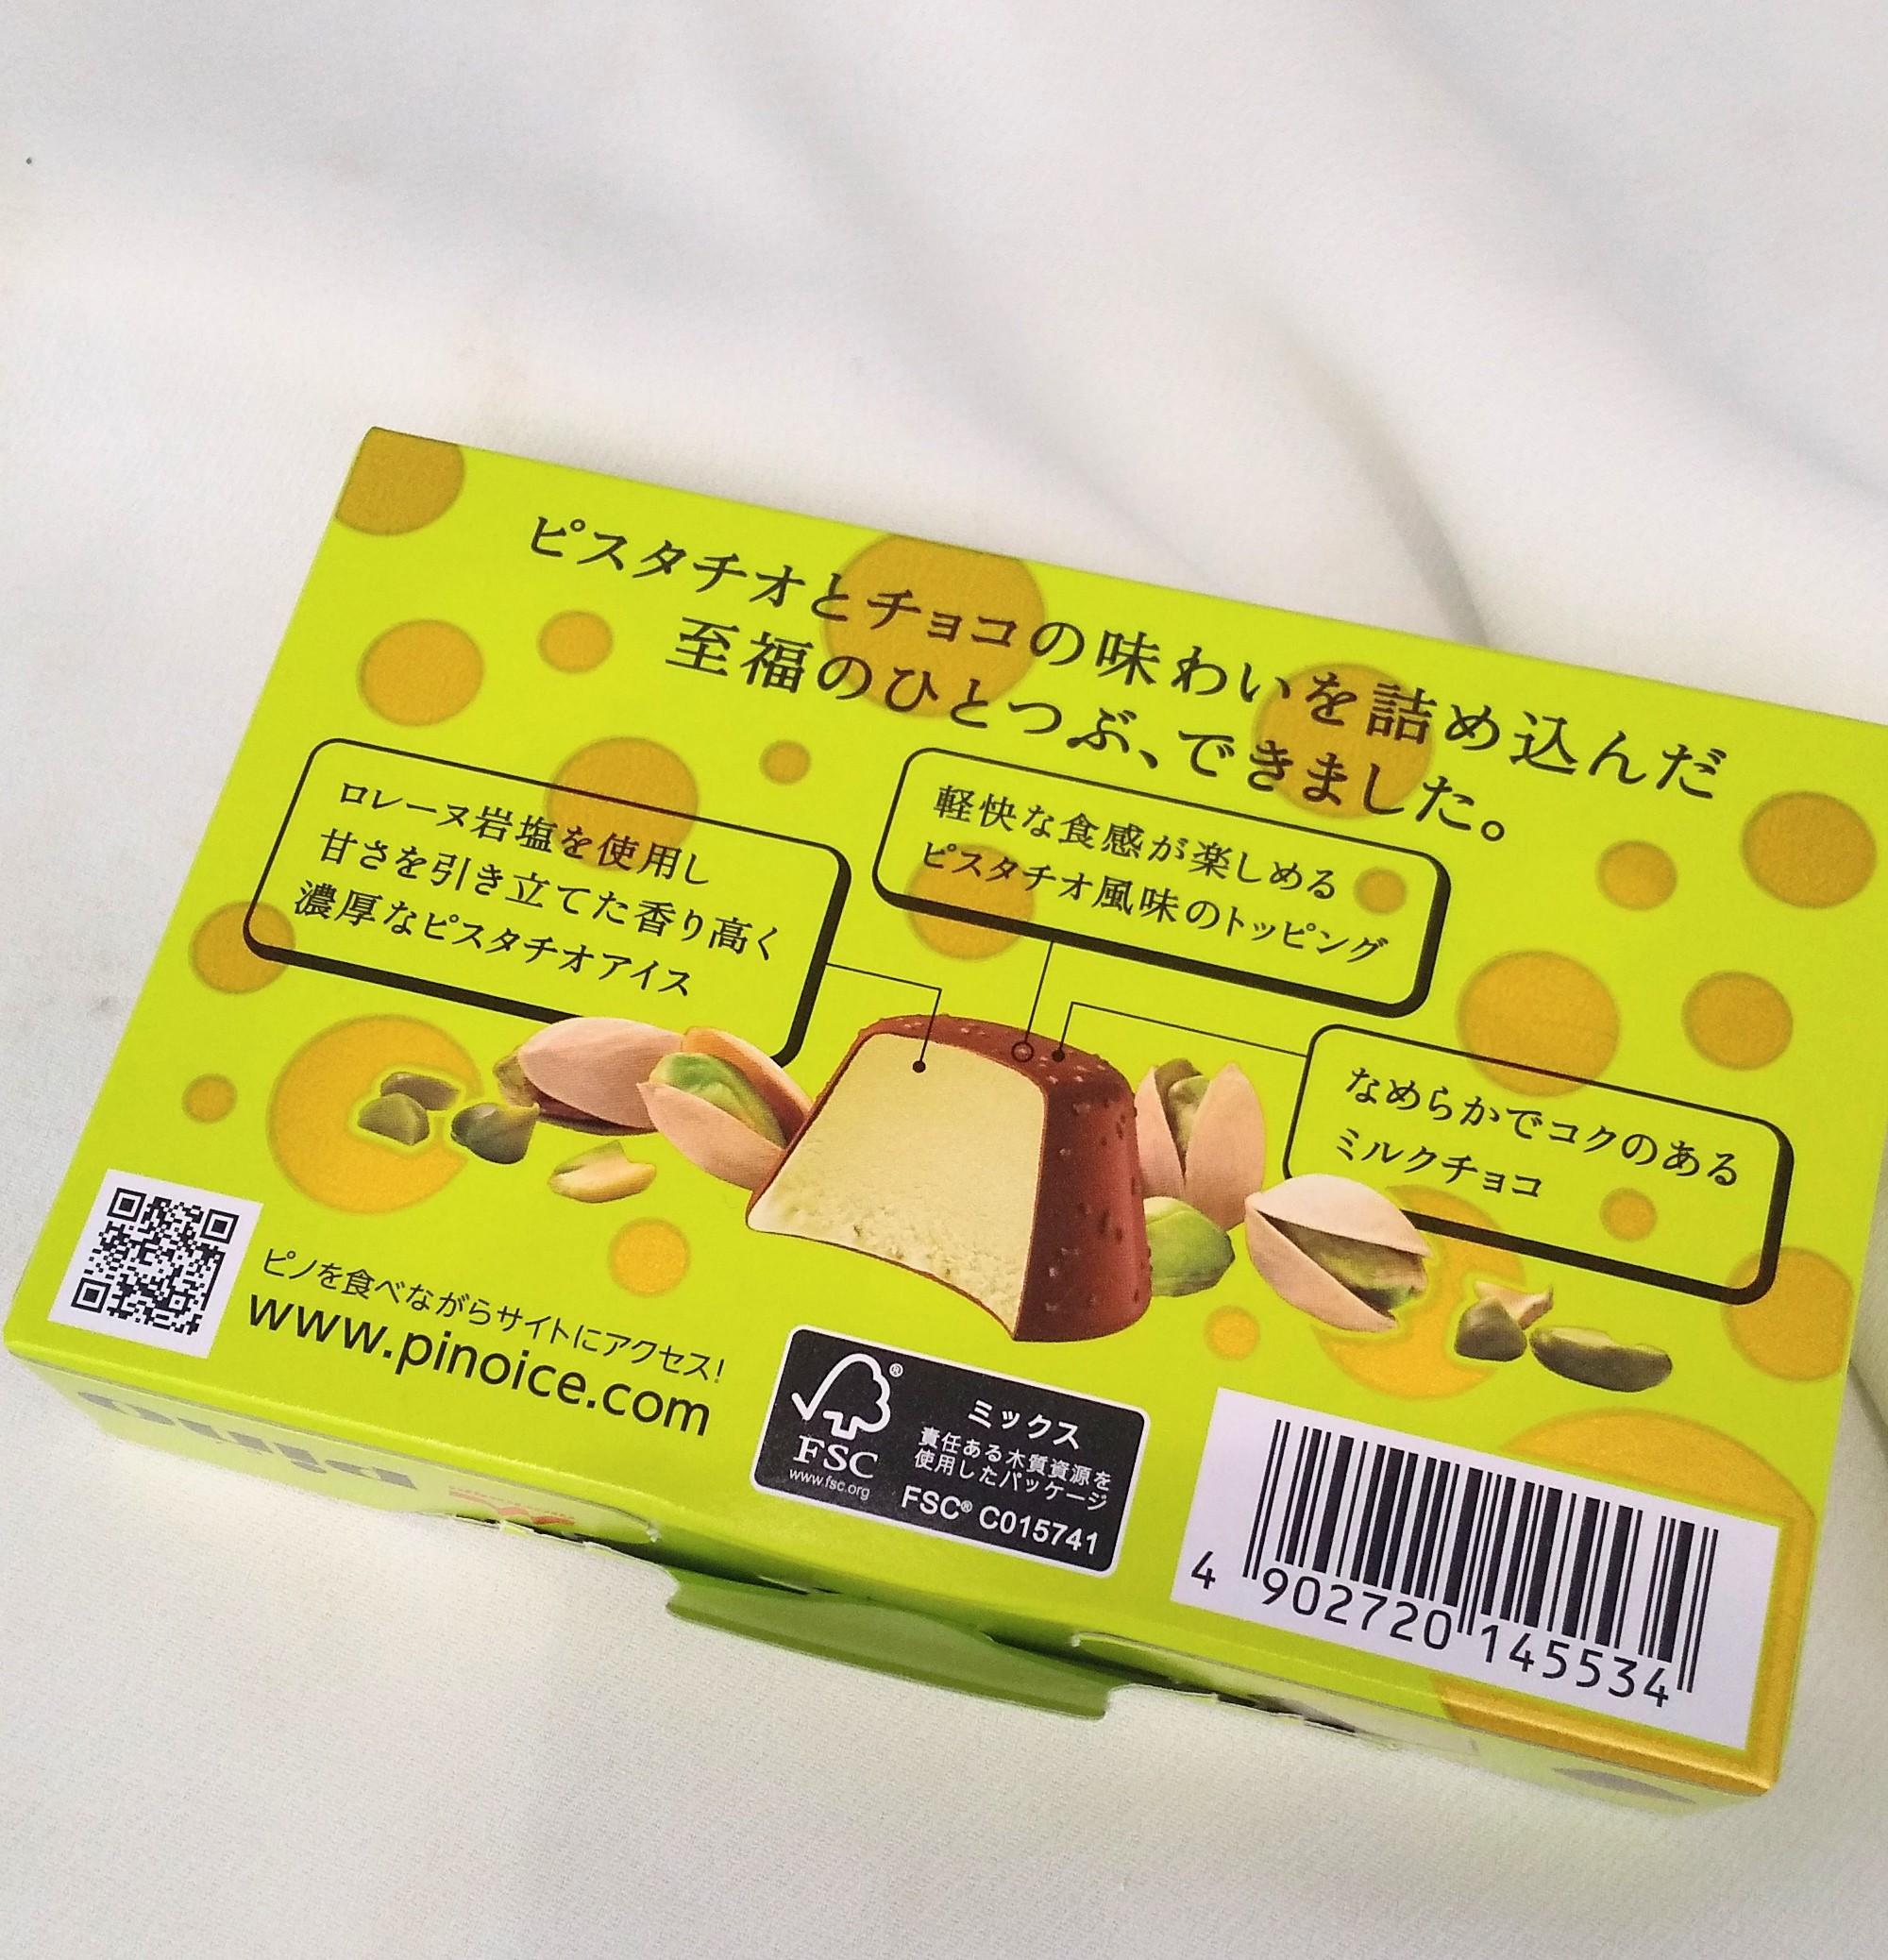 【5/31発売】ピノの新作!ピスタチオ味は間違いない美味しさ!_2